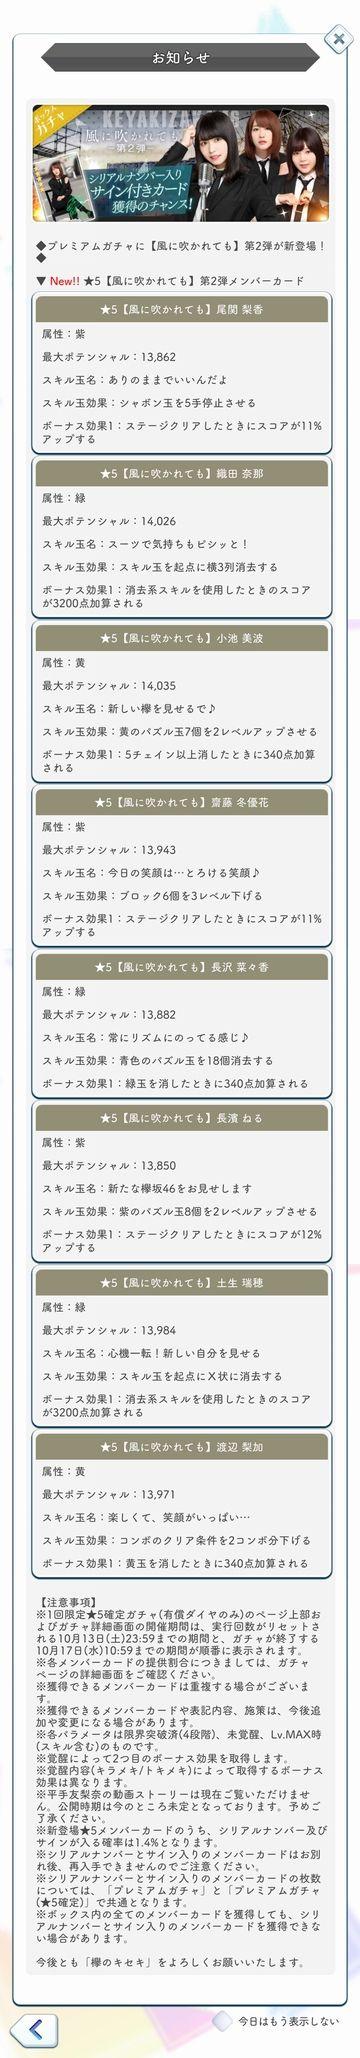 00 風に吹かれても(2) 詳細